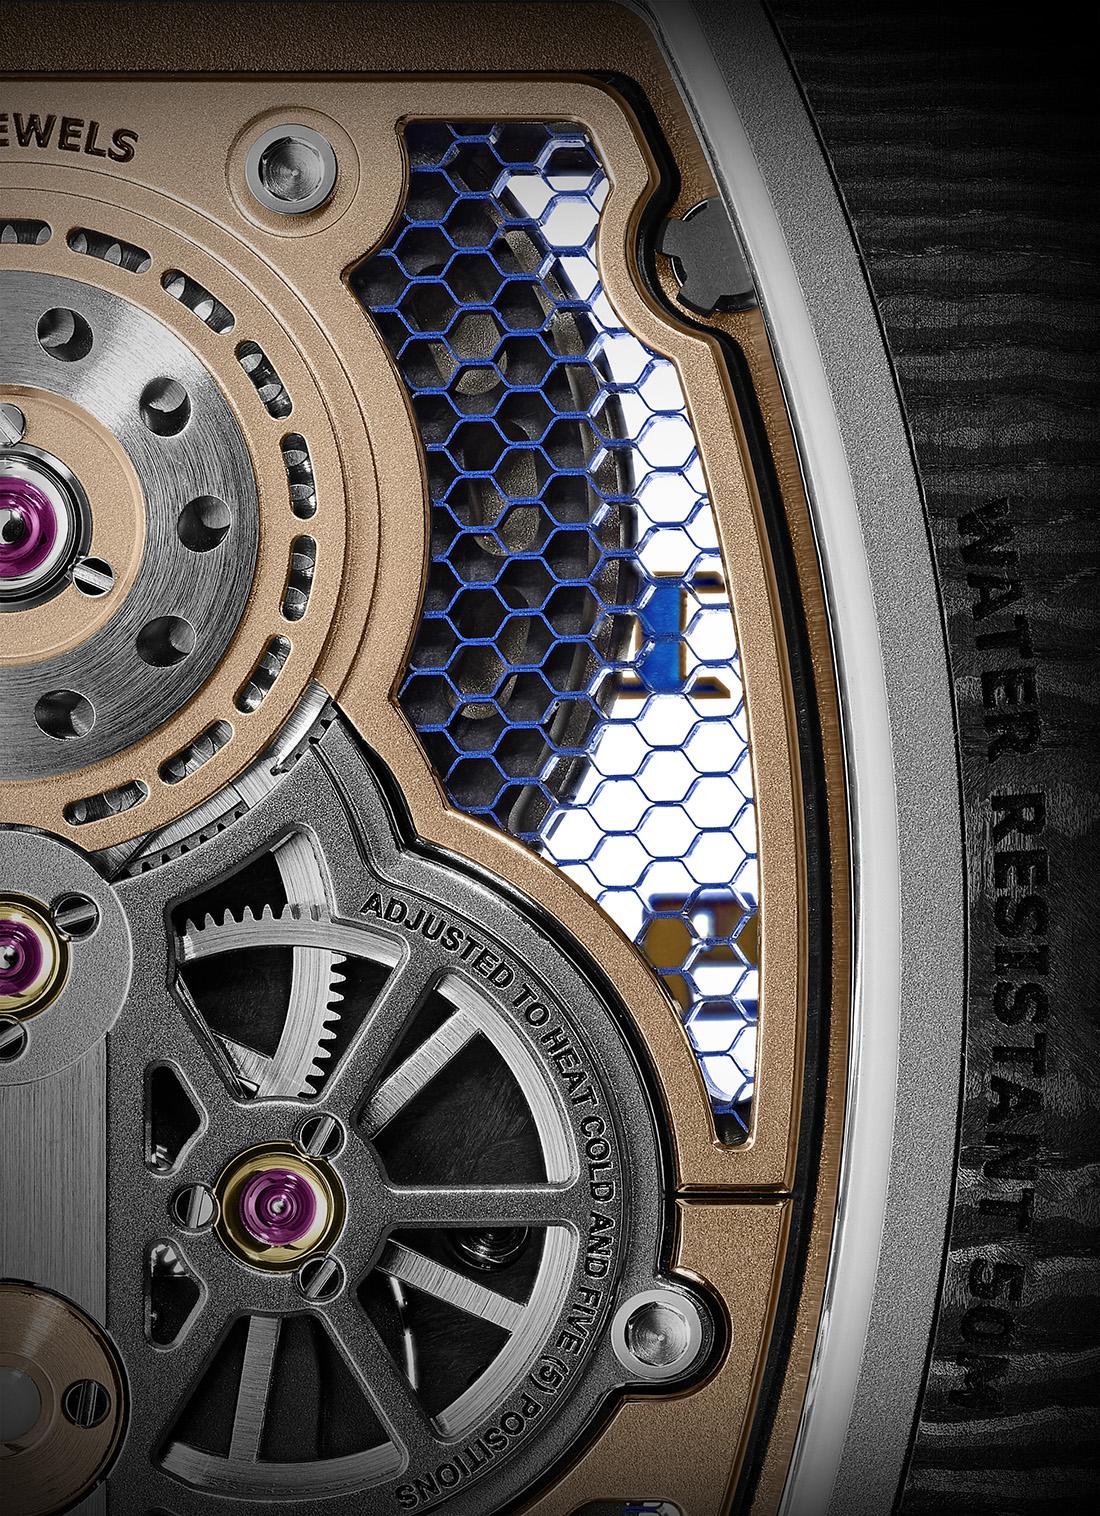 Richard Mille - RM 21-01 Tourbillon Aérodyne